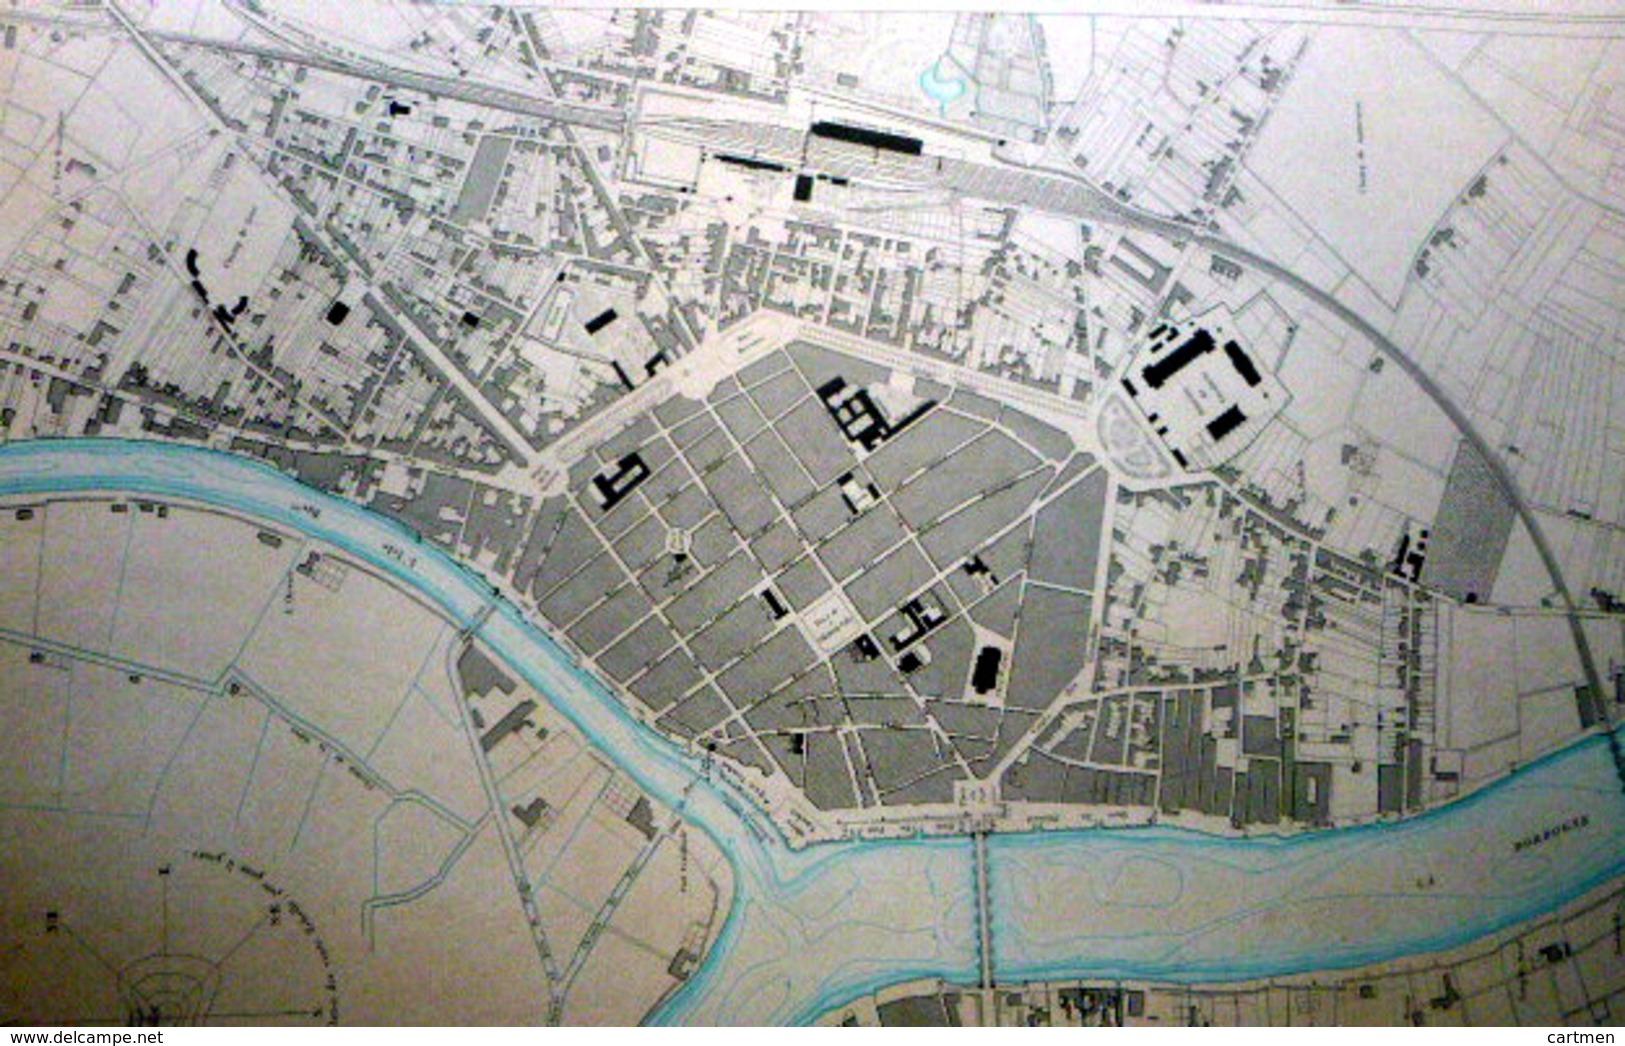 33 LIBOURNE  PLAN DU PORT ET DE LA VILLE  EN 1883 DE L'ATLAS DES PORTS DE FRANCE 49 X 66 Cm - Cartes Marines